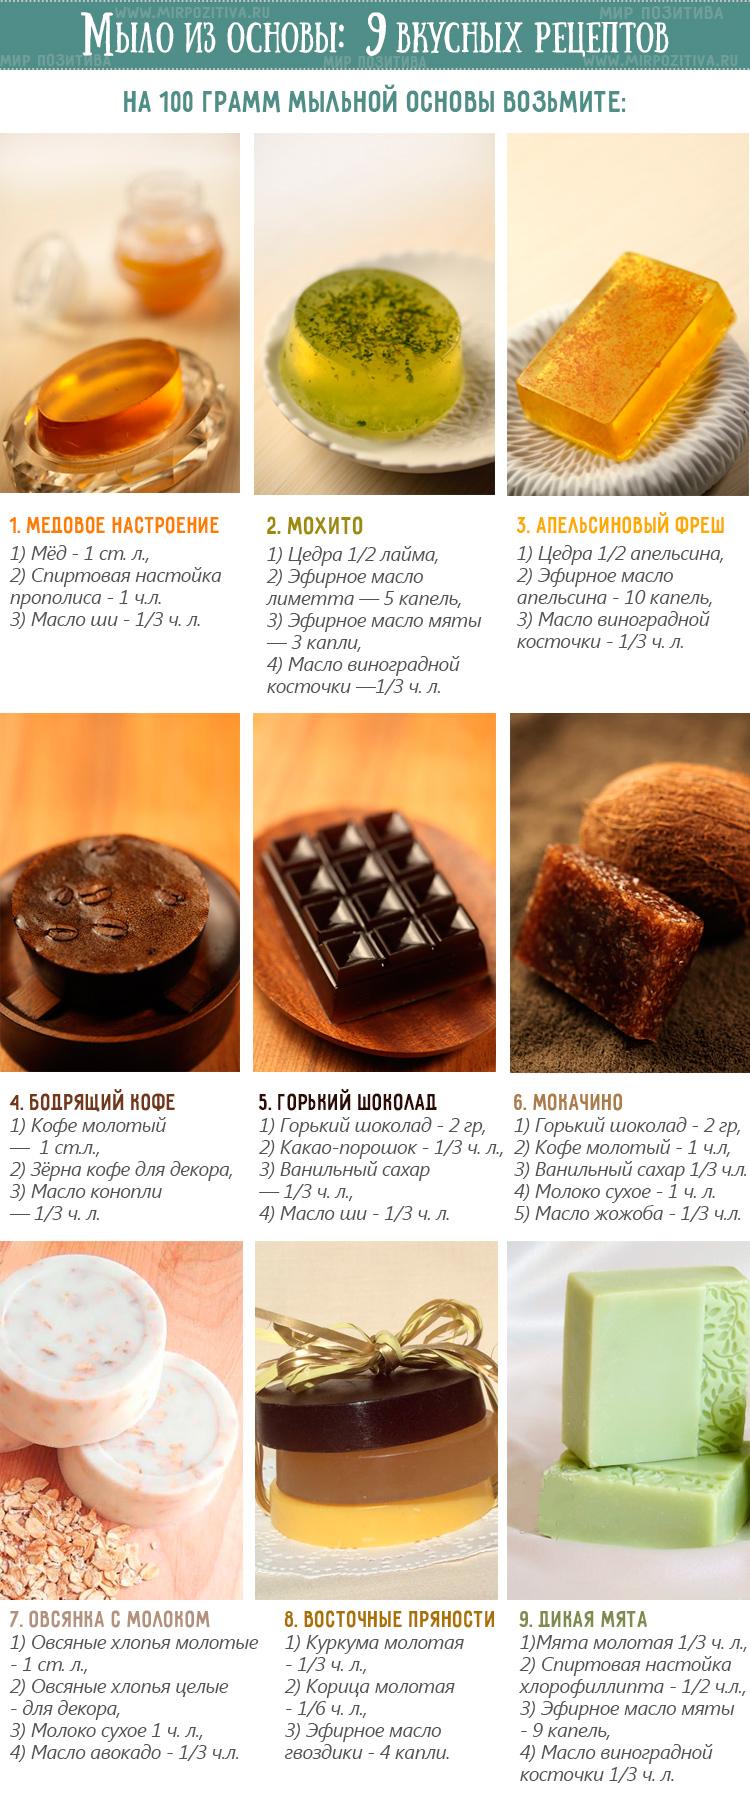 9 рецептов мыла своими руками от мир позитива.ру